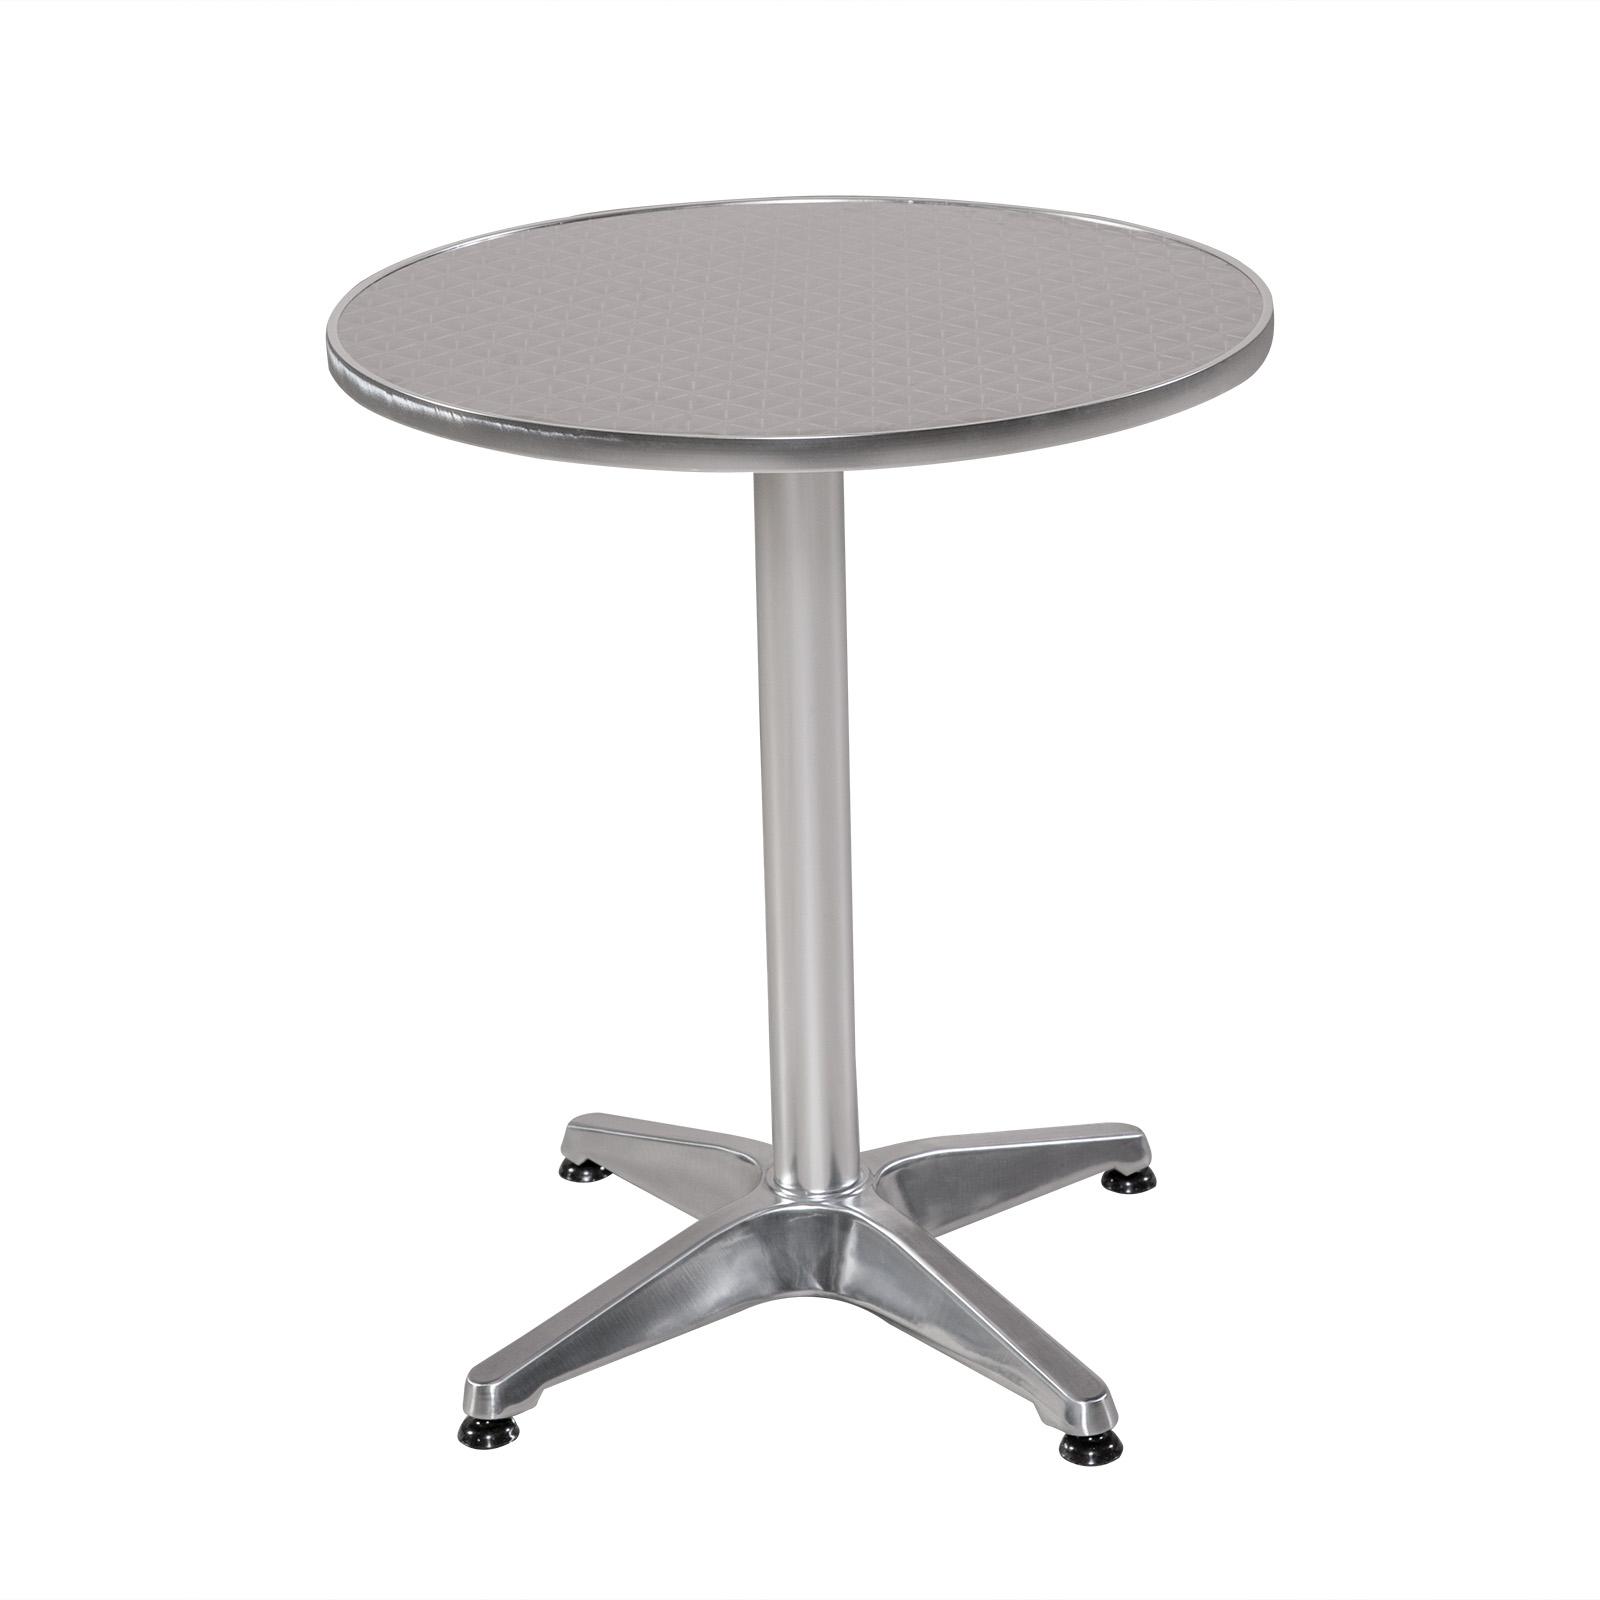 Bistrotisch rund aluminium gartentisch alu tisch for Bistrotisch rund